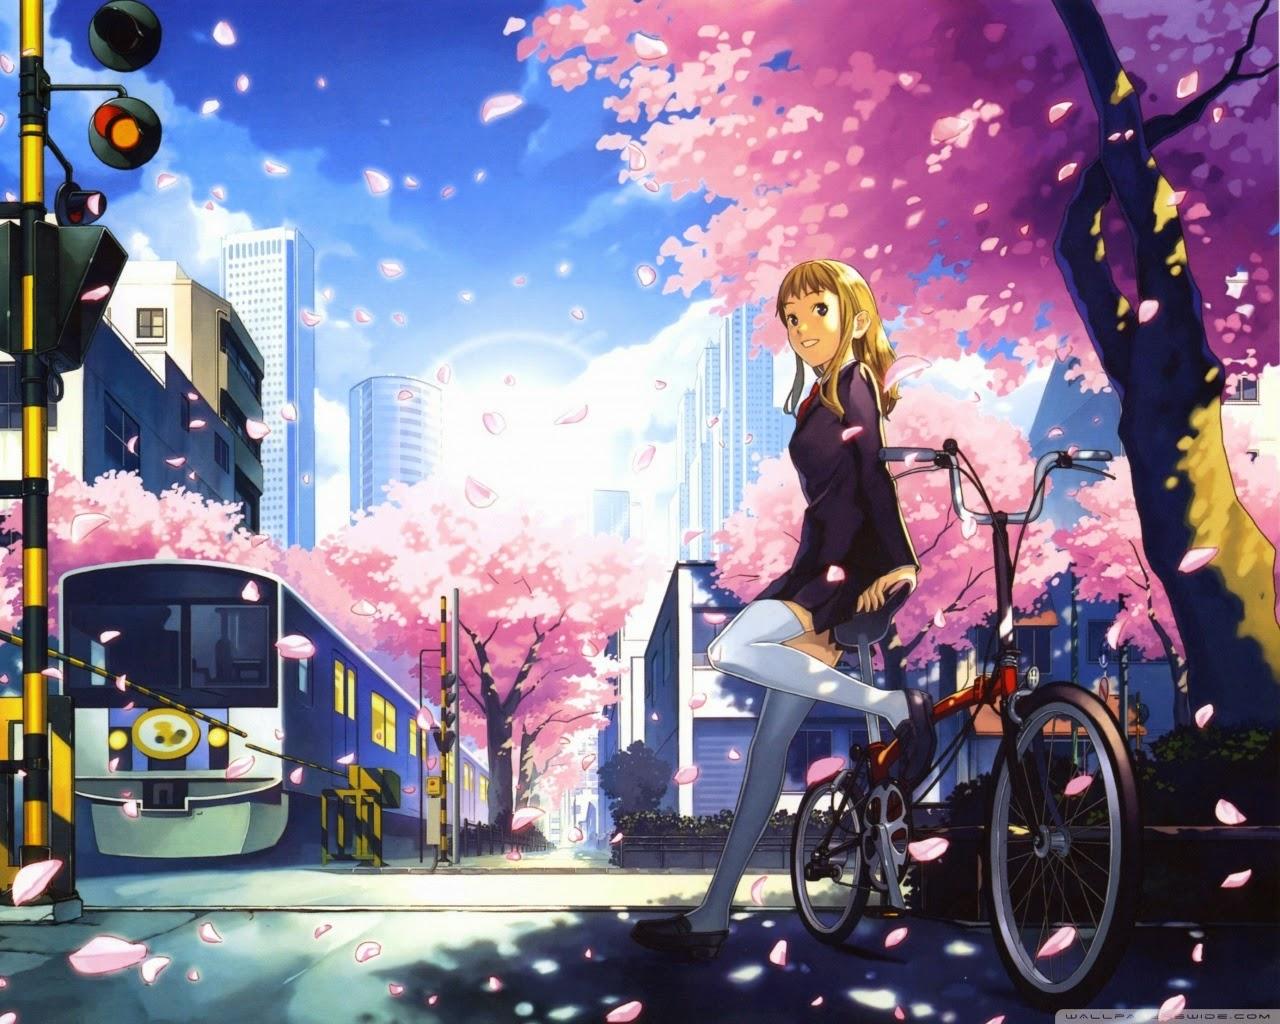 kawaii anime wallpaper qhd wallpapers